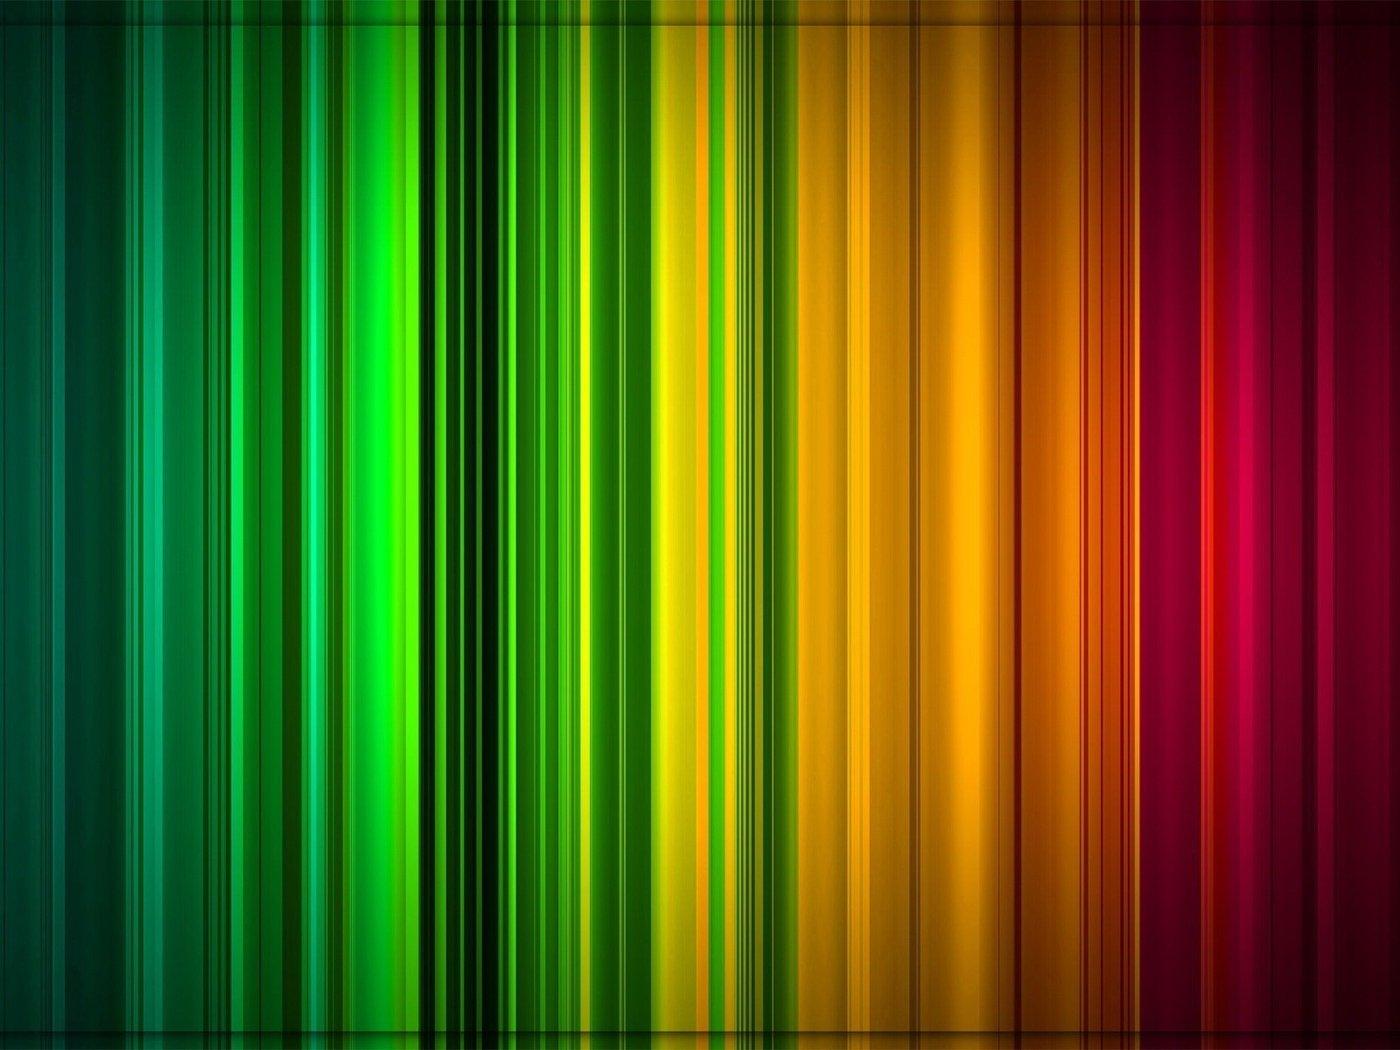 полосы линии цвета бесплатно